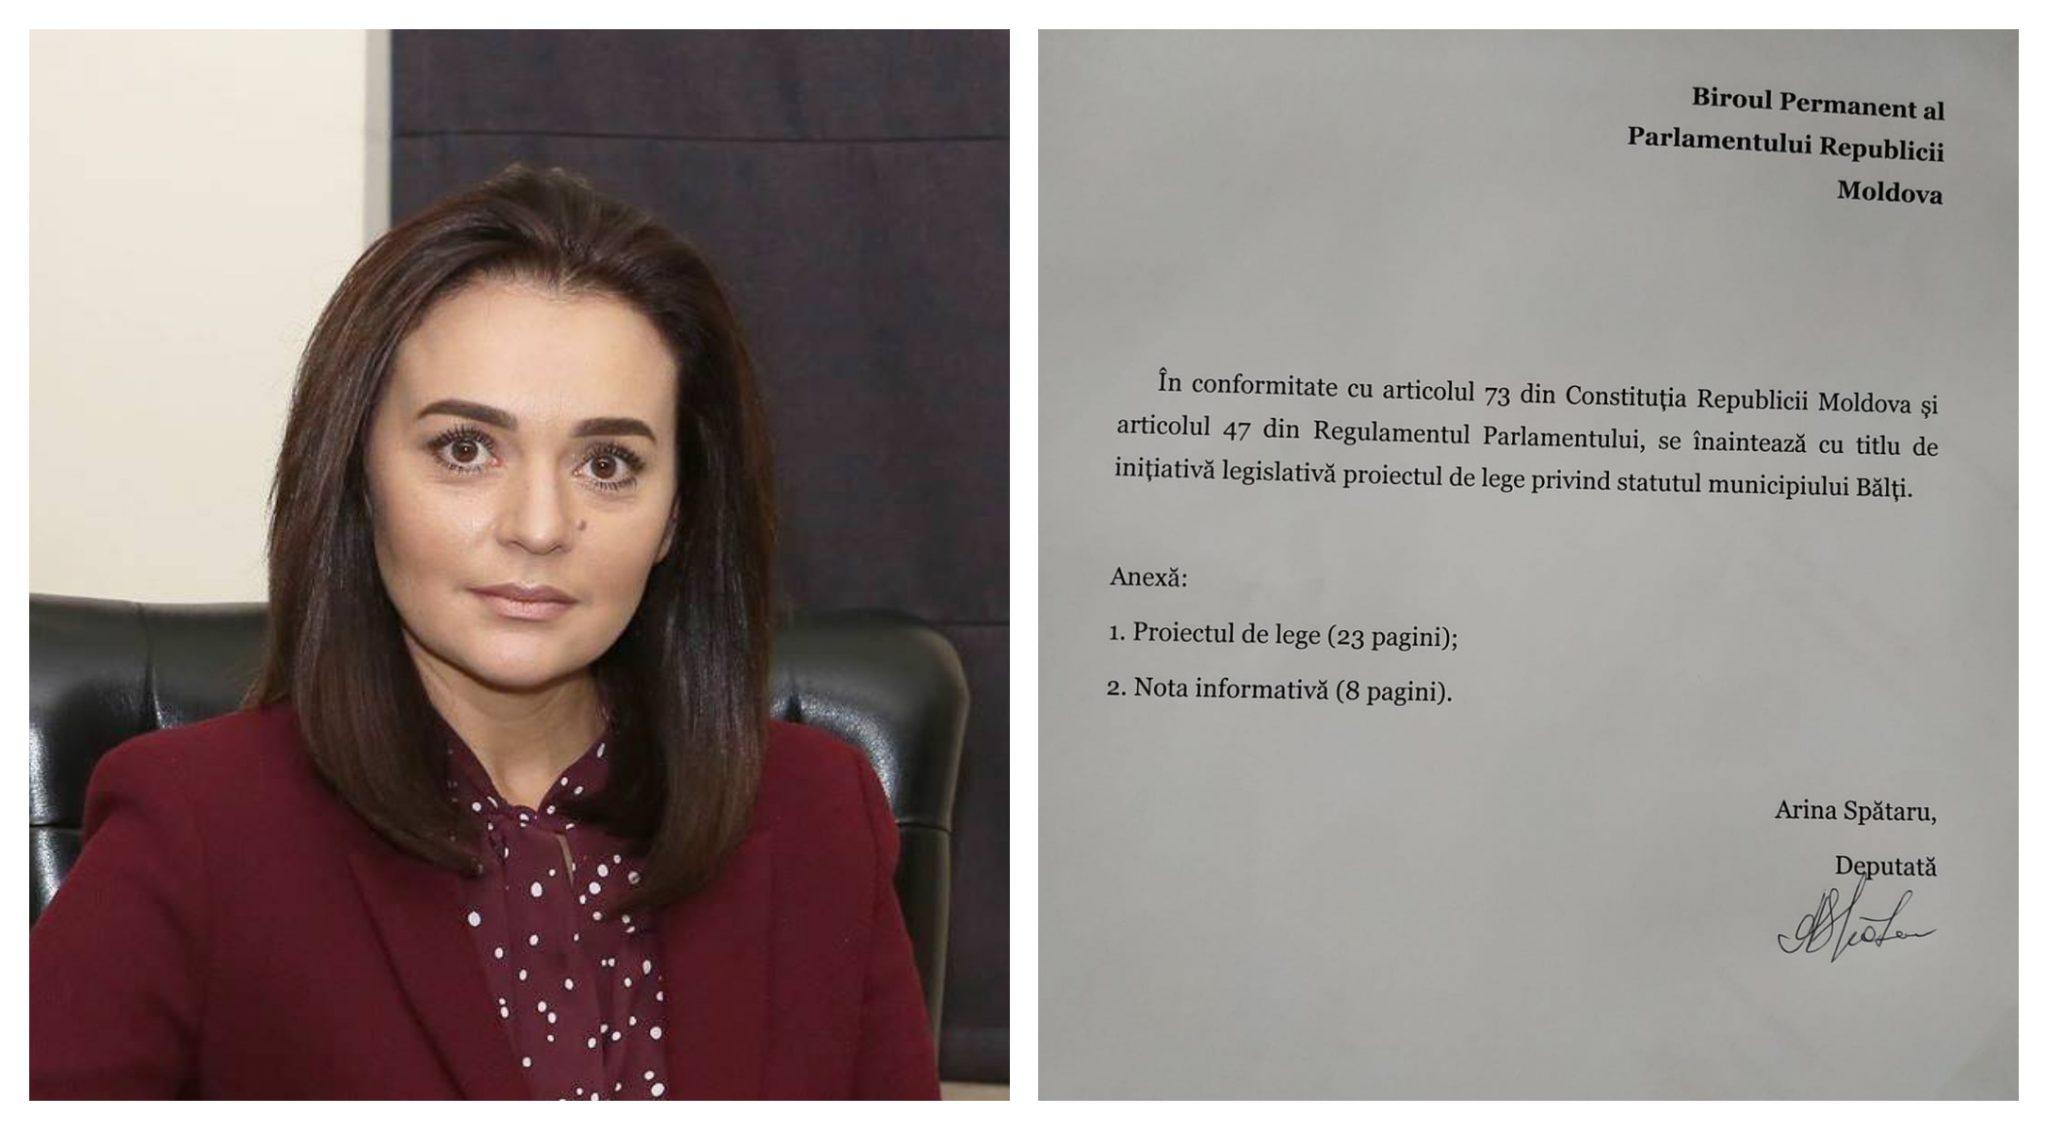 Un consilier local se arată nemulțumit de Proiectul Legii cu privire la Statutul municipiului Bălți